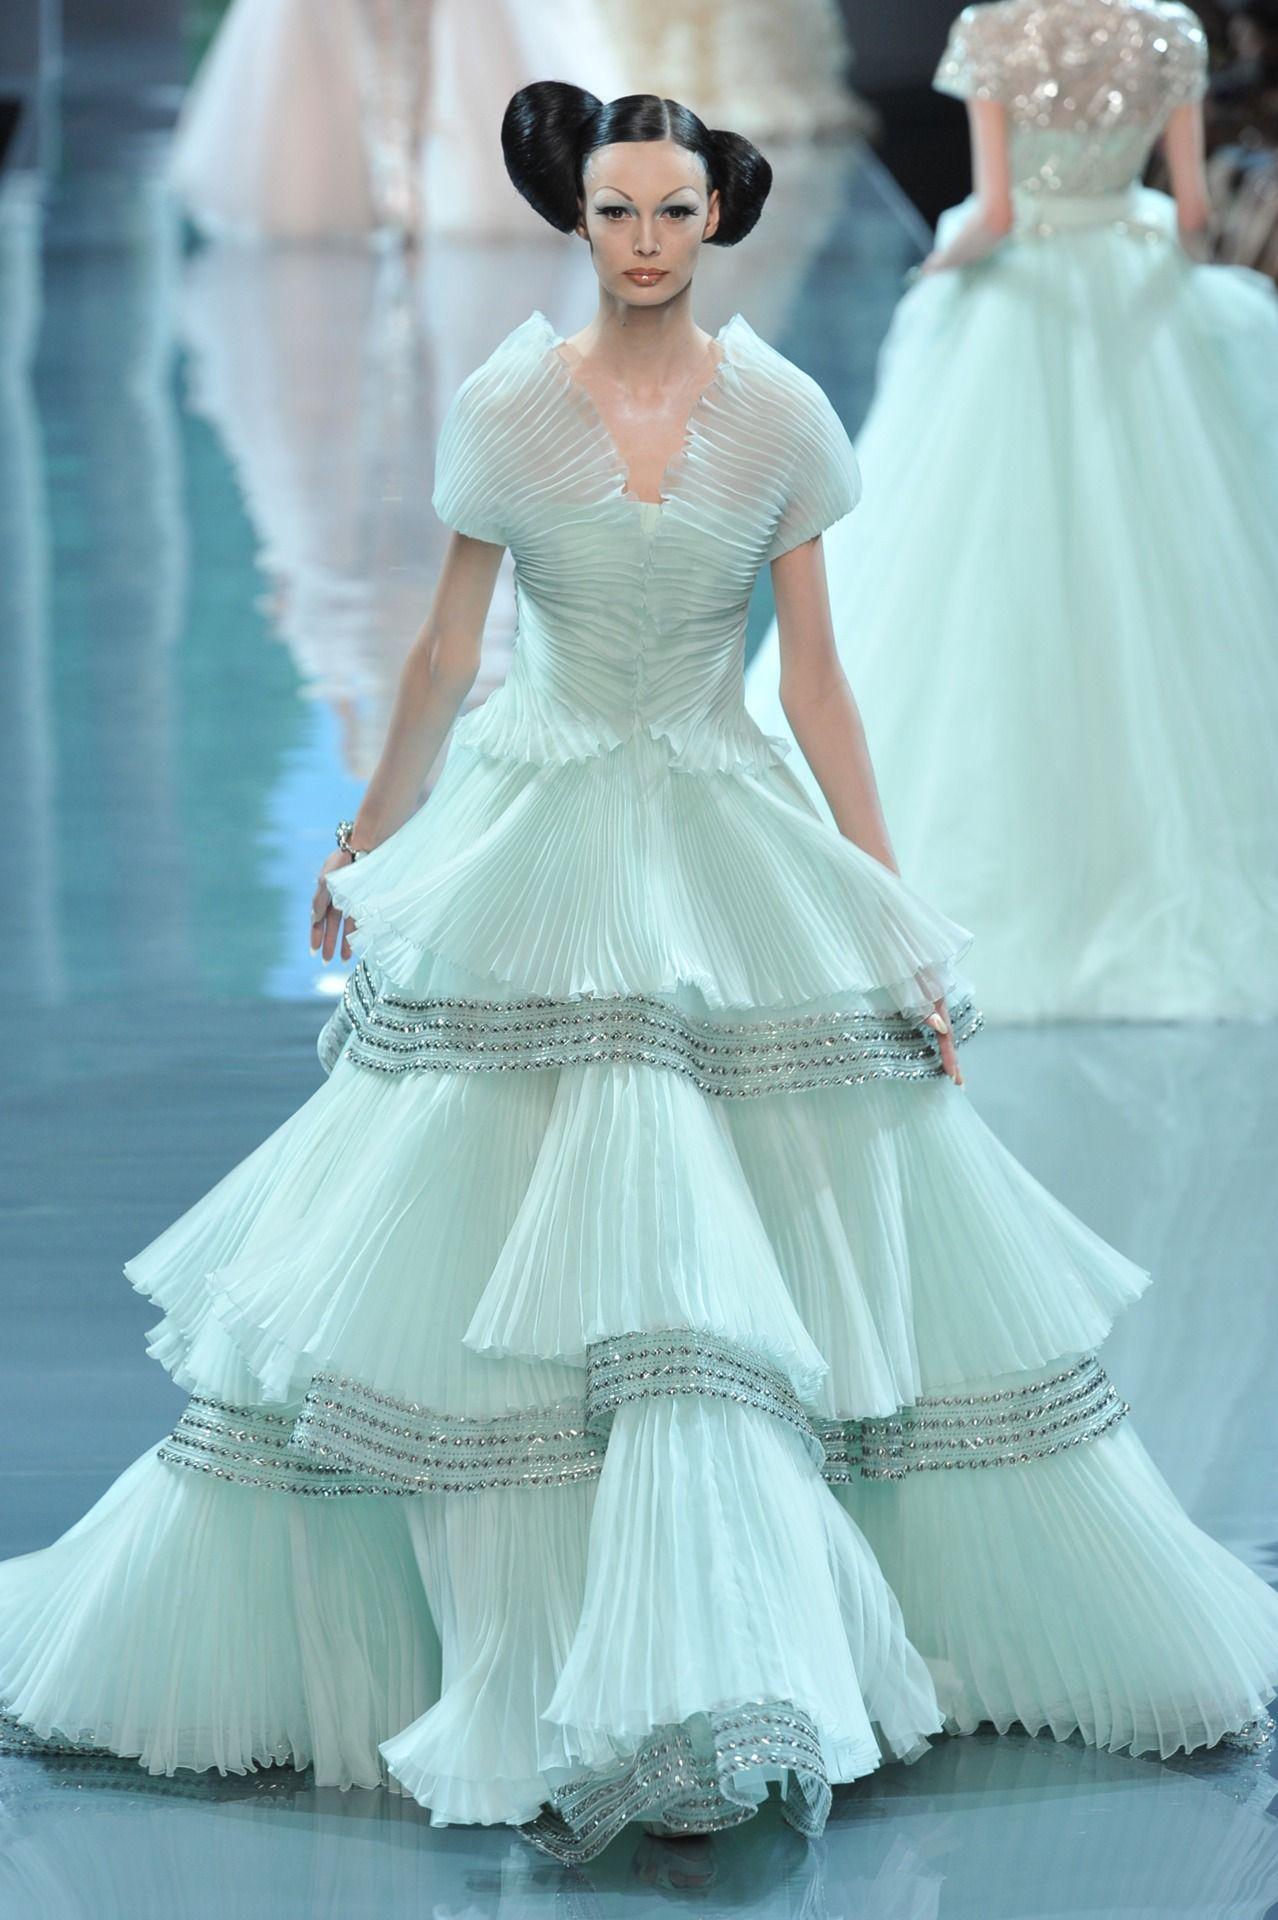 Christian dior haute couture fall winter galliano